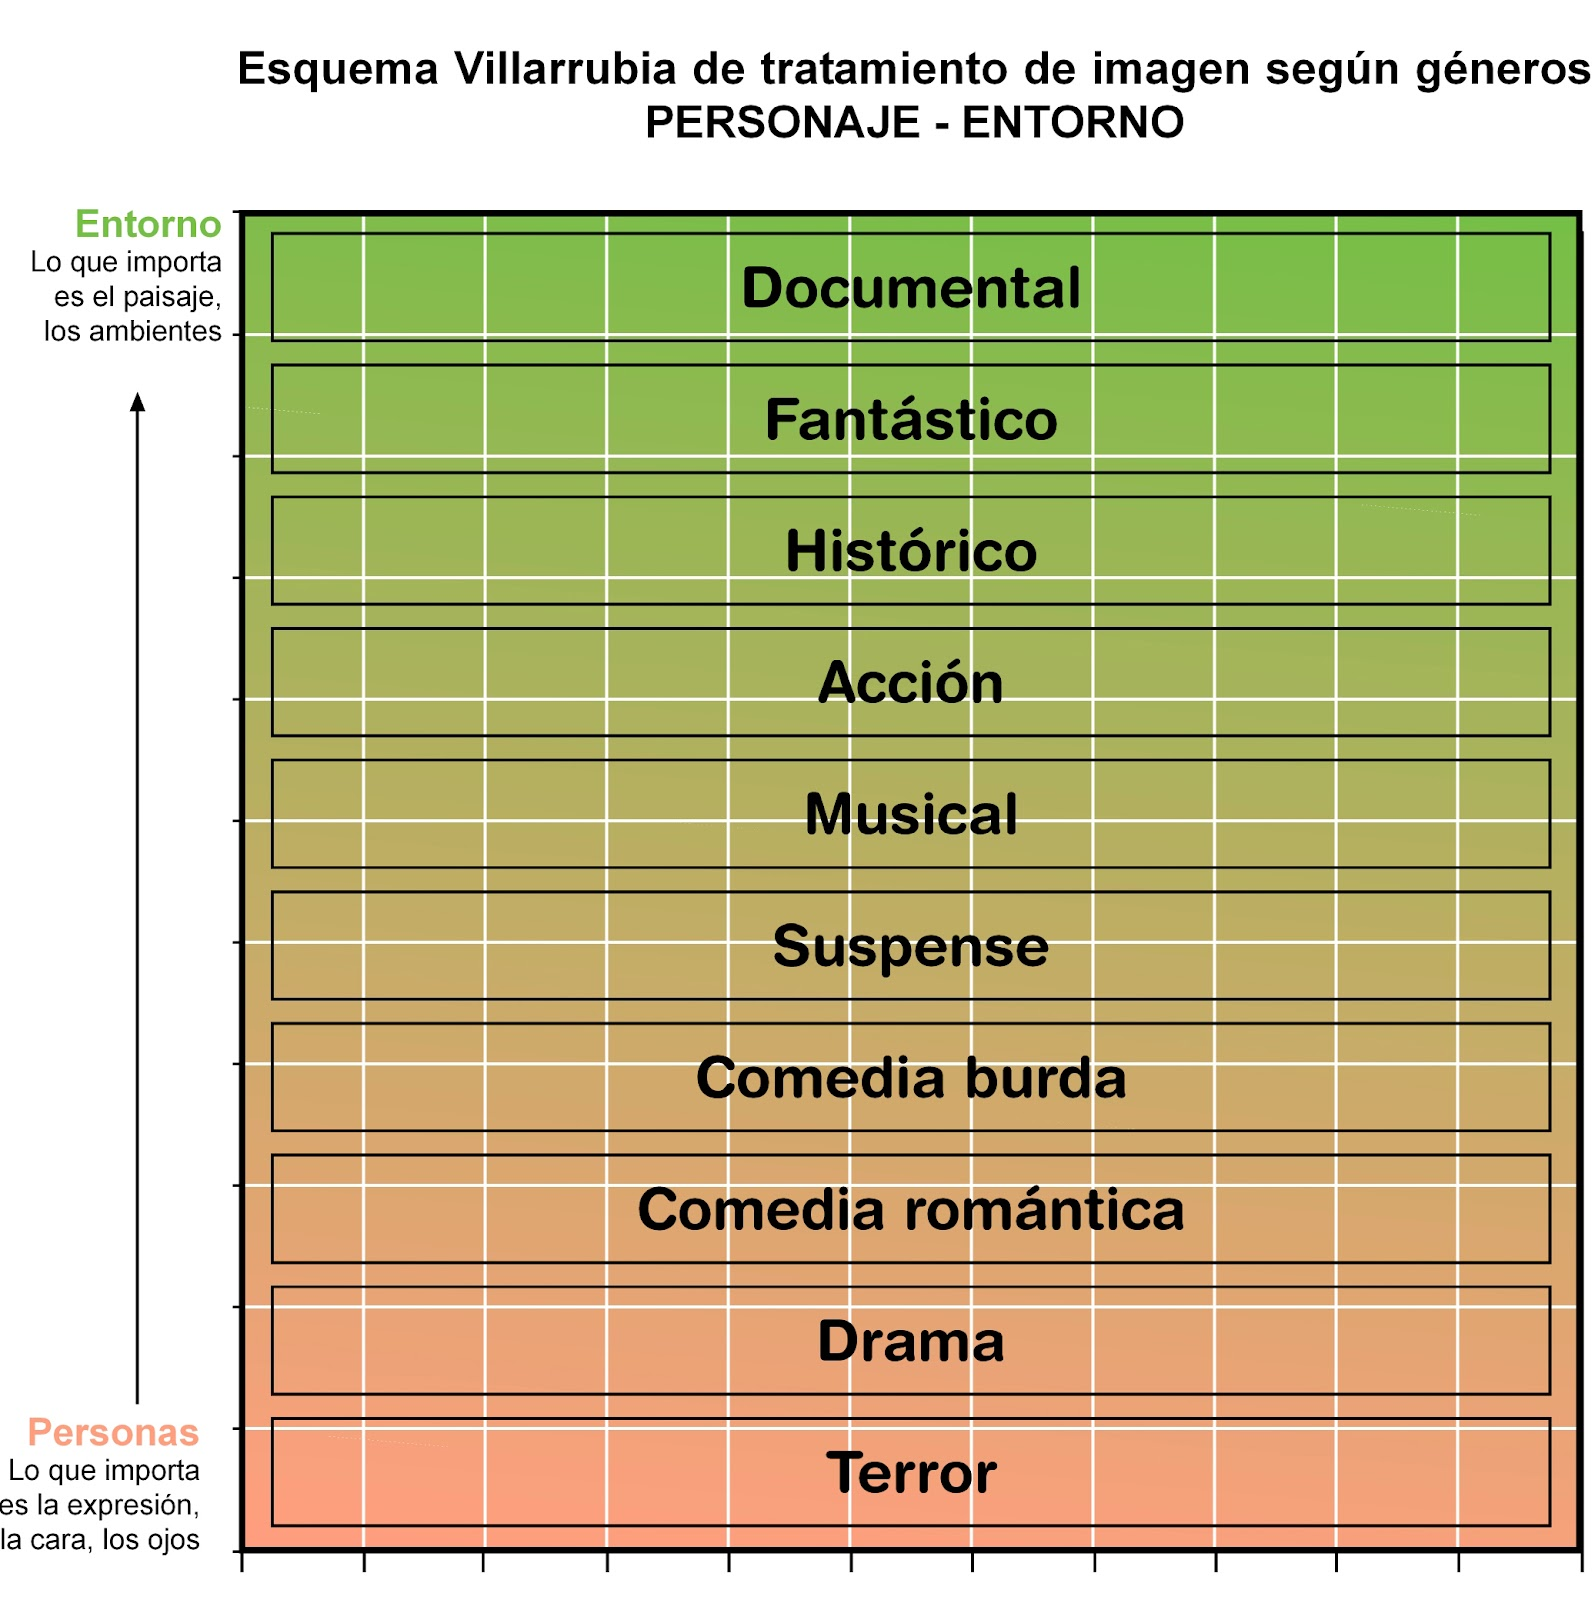 Montaje y encuadres según el género   Villarrubia & Acción